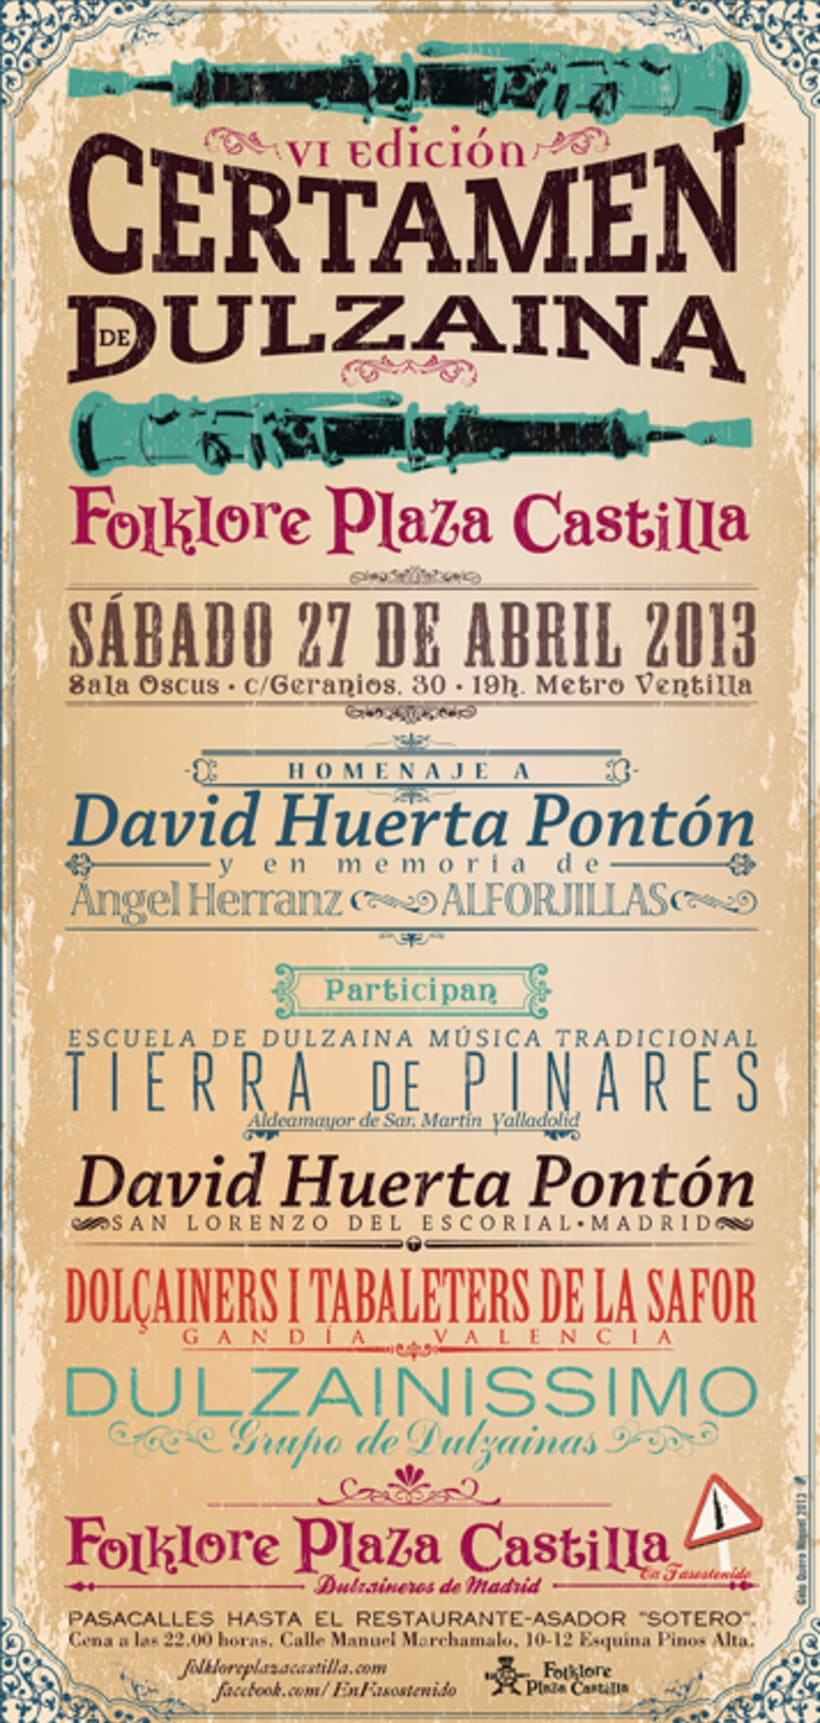 Carteles Certamen de dulzaina y tambor Folklore Plaza Castilla 4